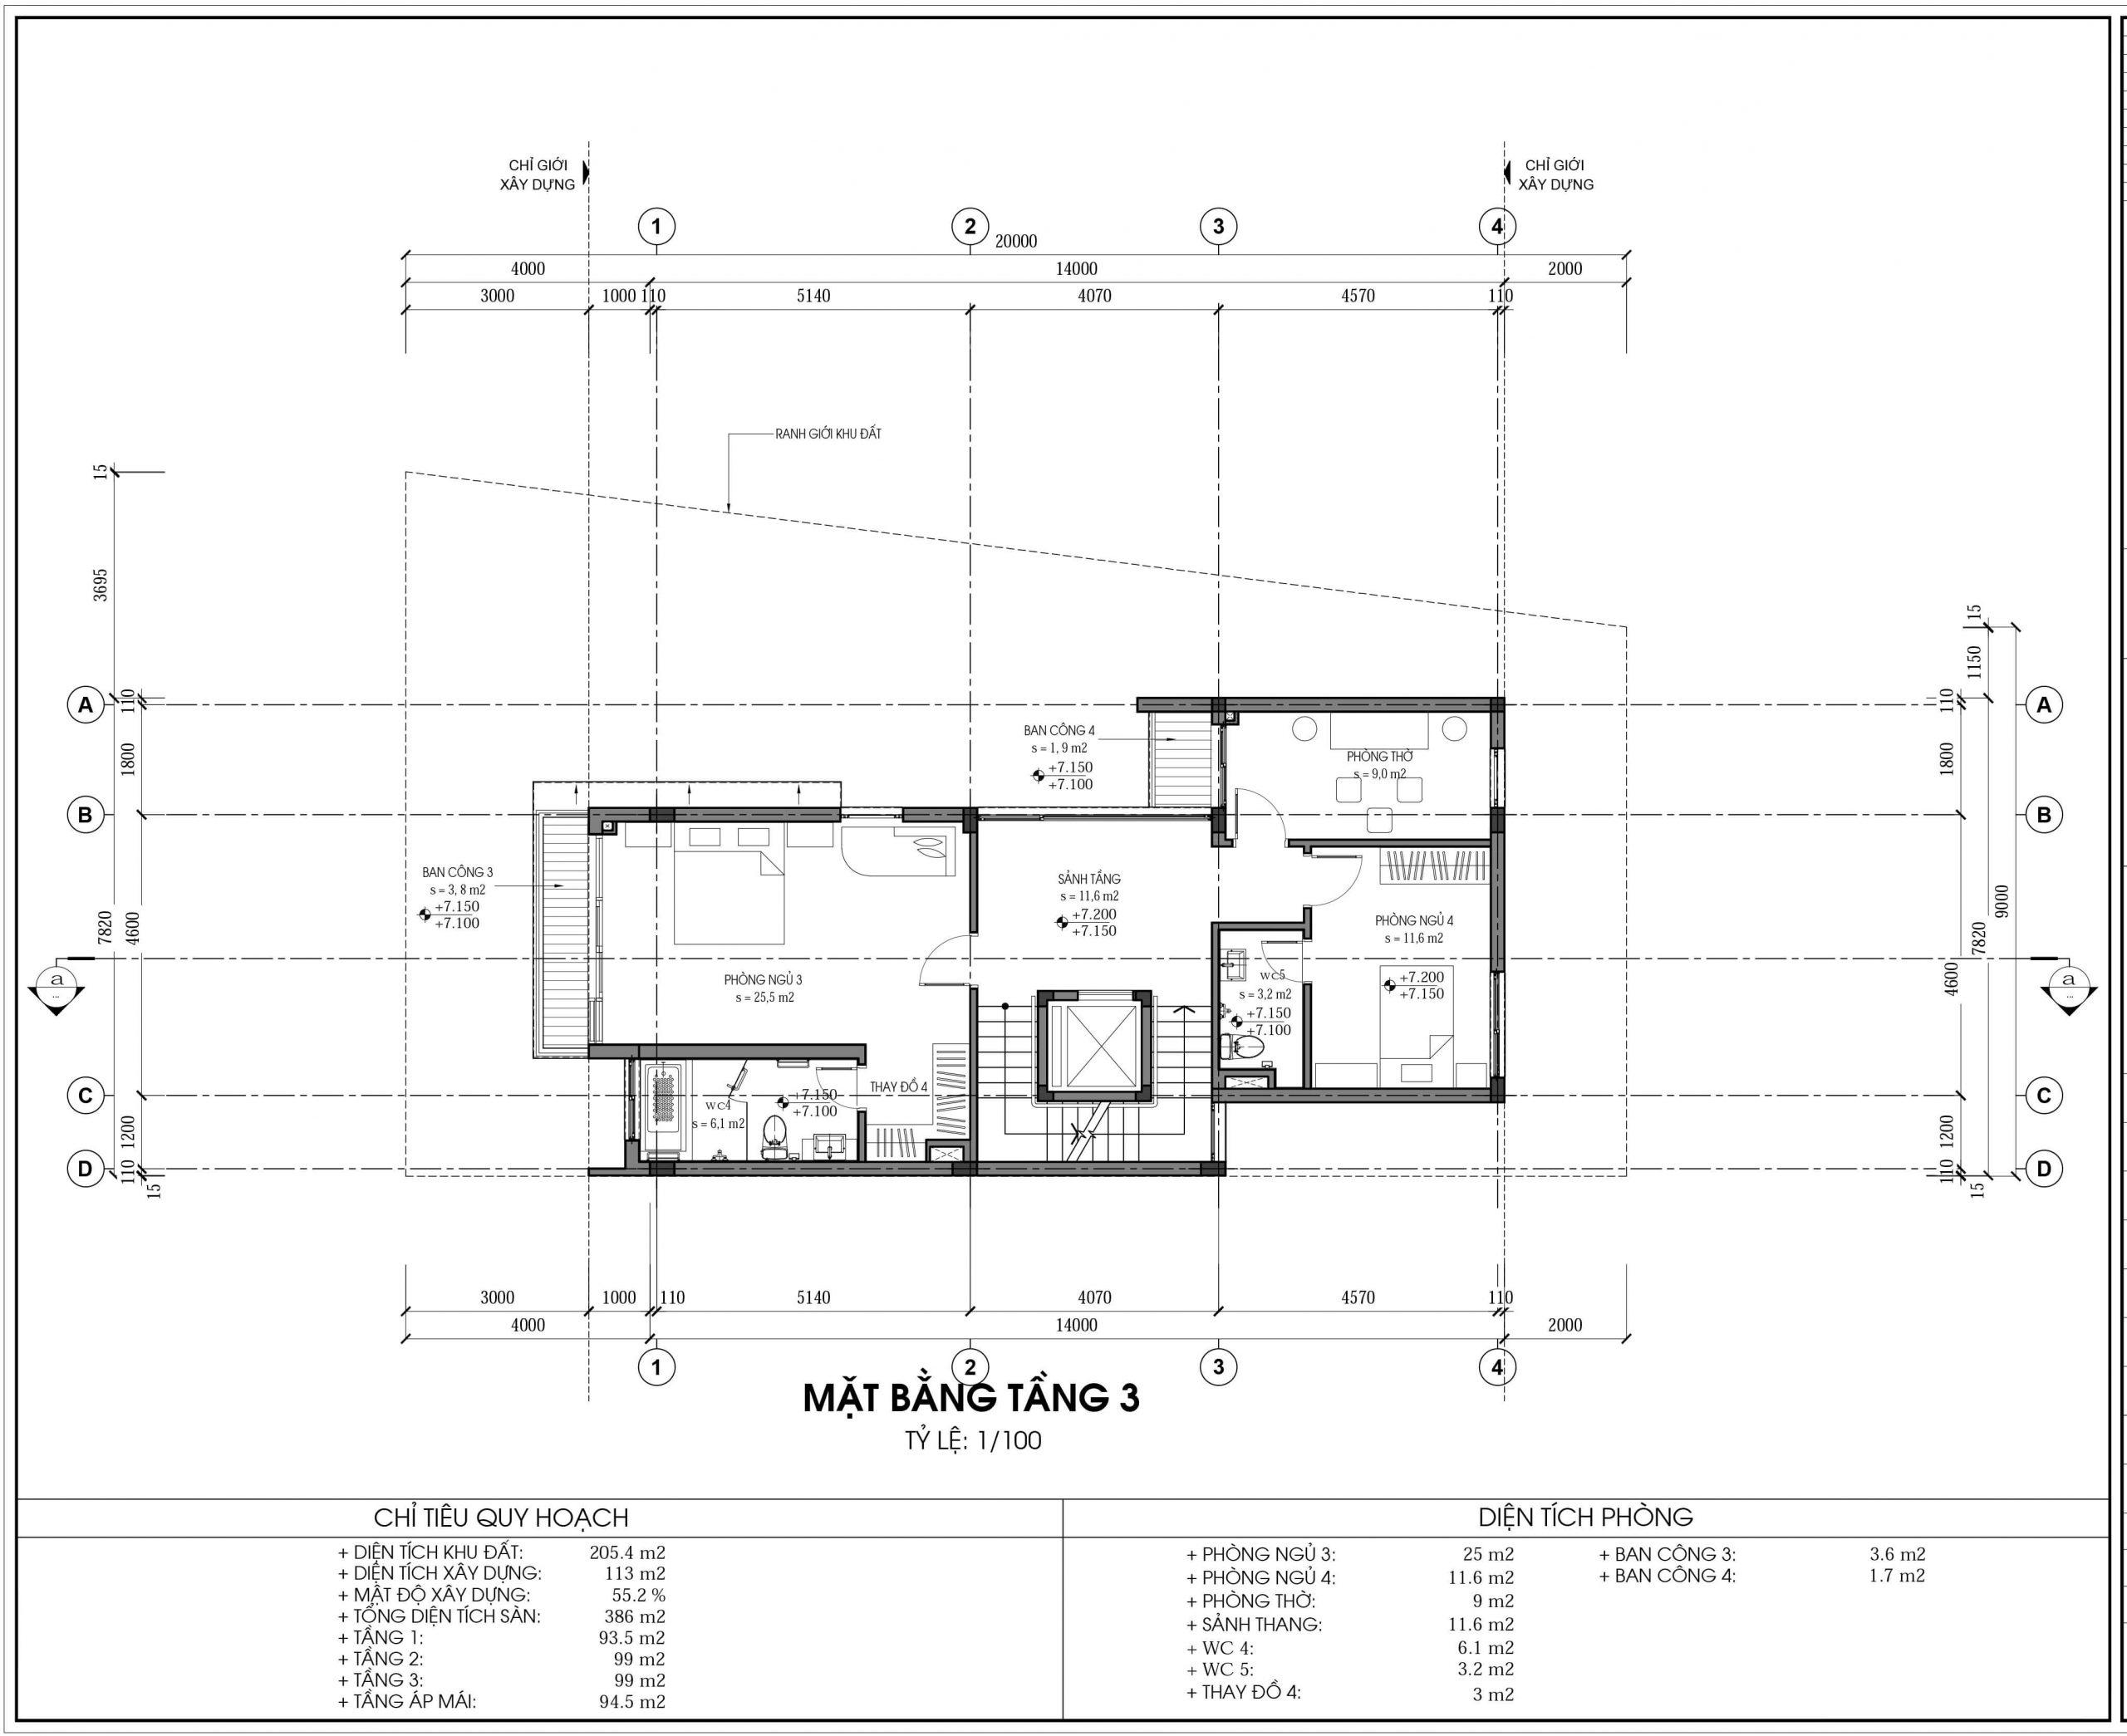 Thiết kế biệt thự An Vượng Villa mẫu D3-5 diện tích 205.4m2 tầng 3